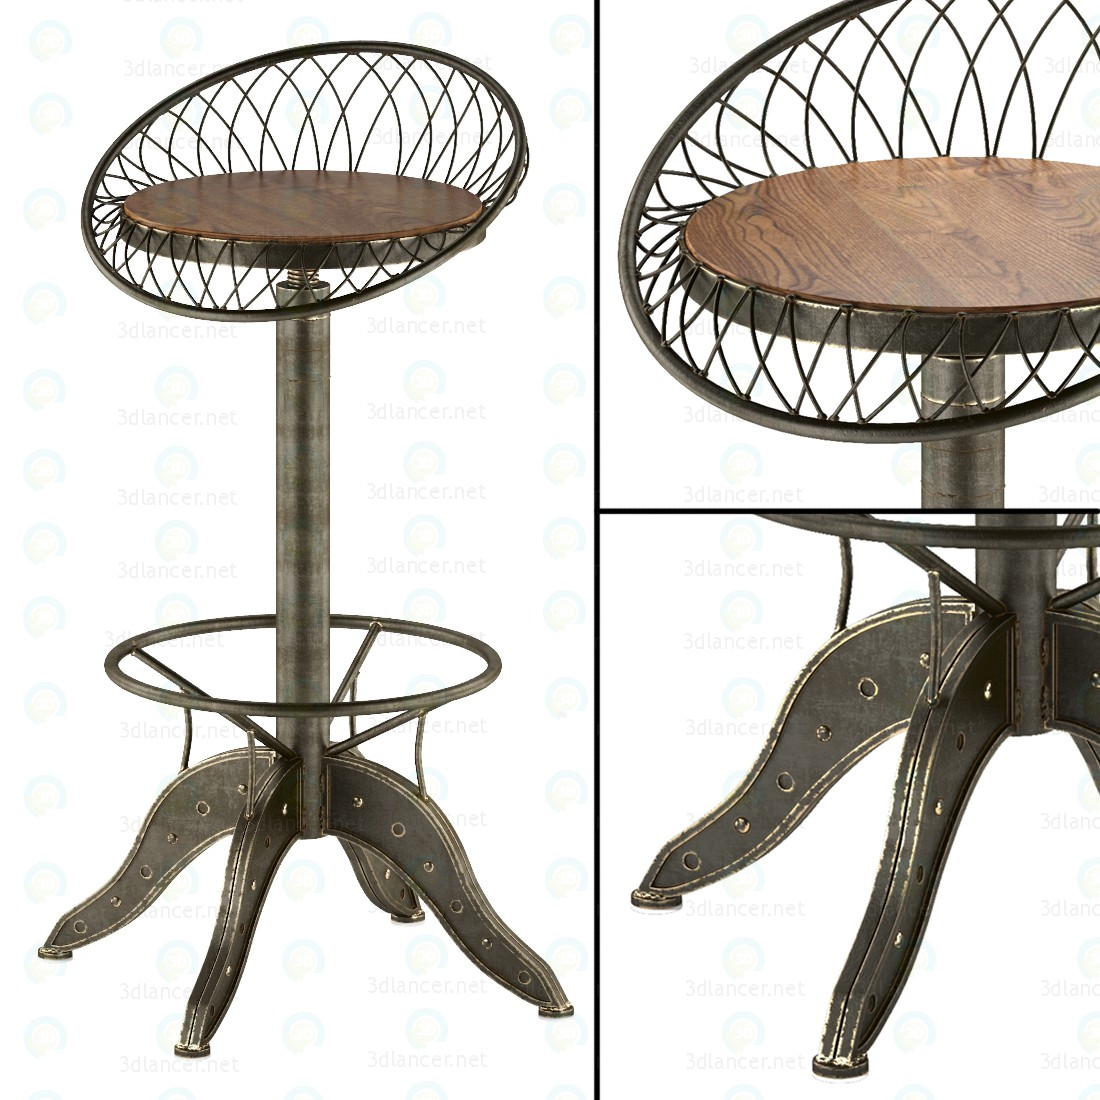 Стальной барный стул 3d модель купить - рендер